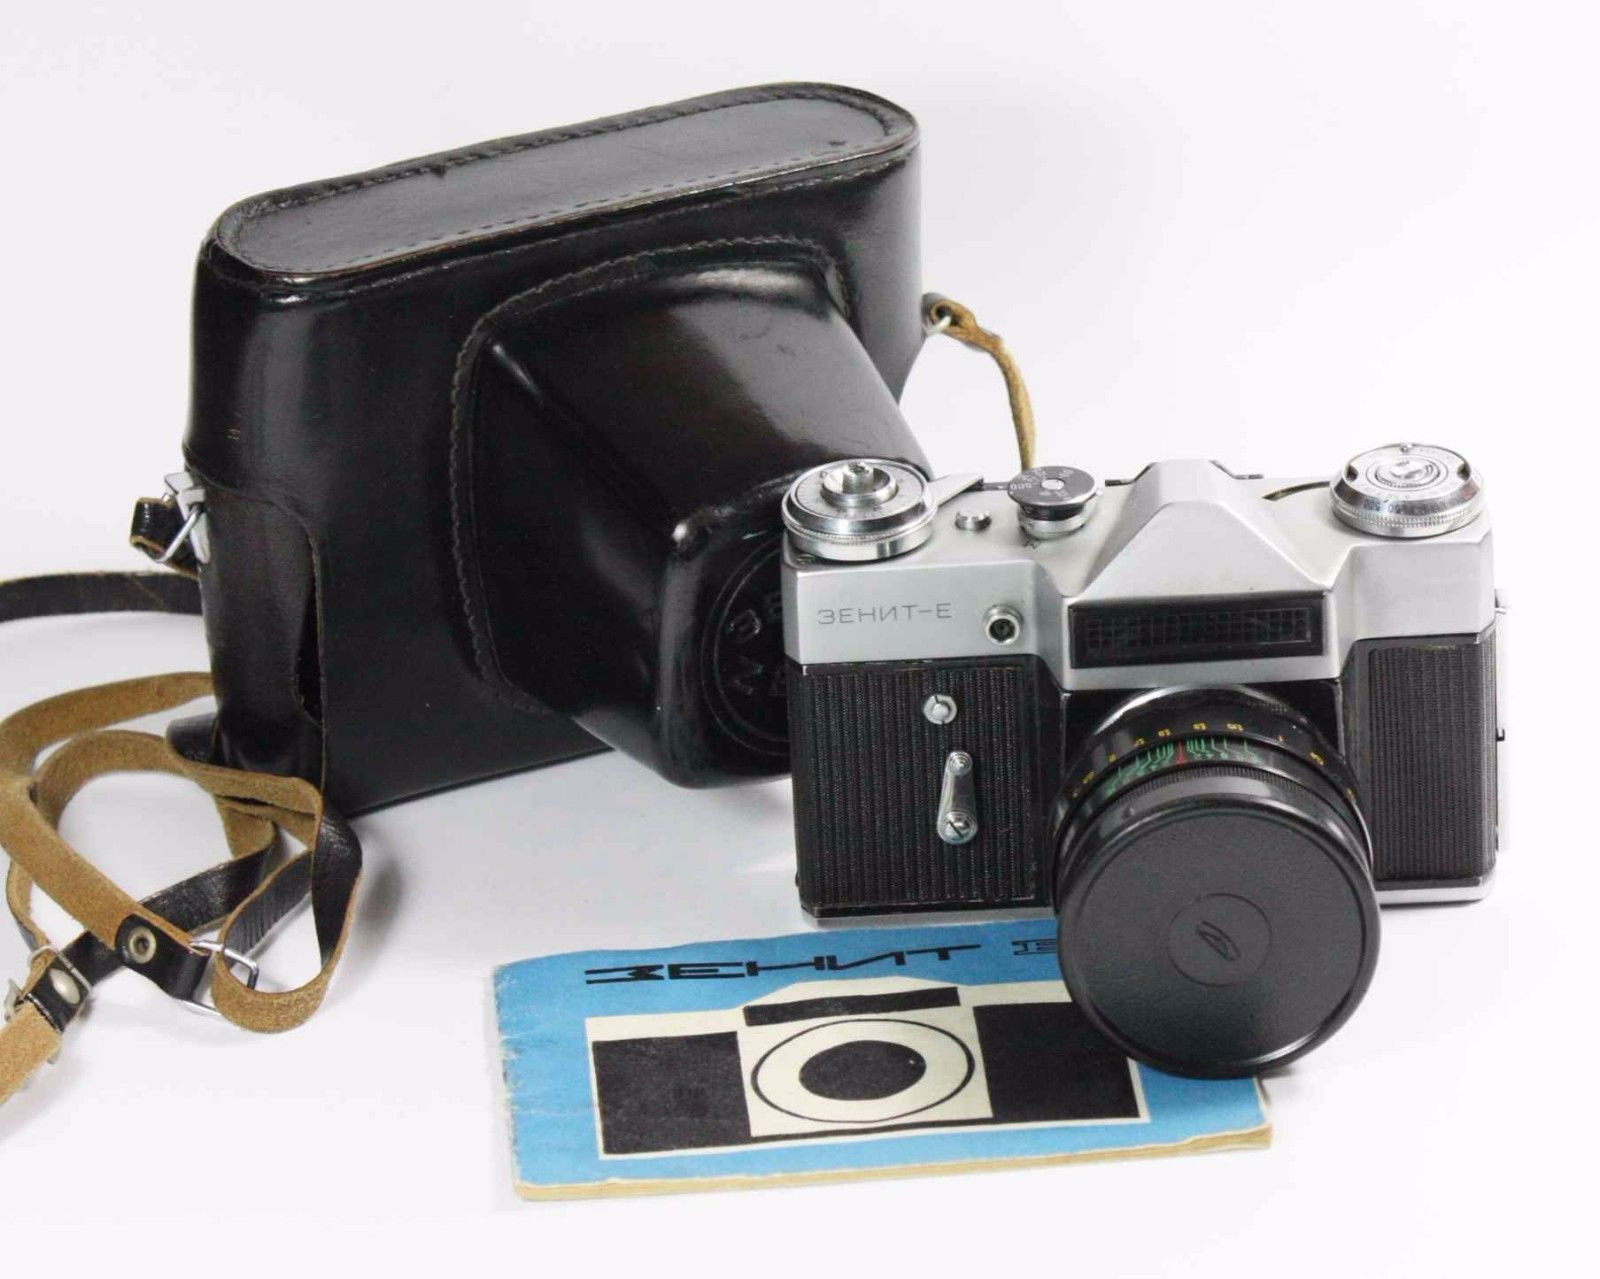 Vintage Camera Zenit E 35mm Vintage Camera Helios-44-2 2/58 USSR ...